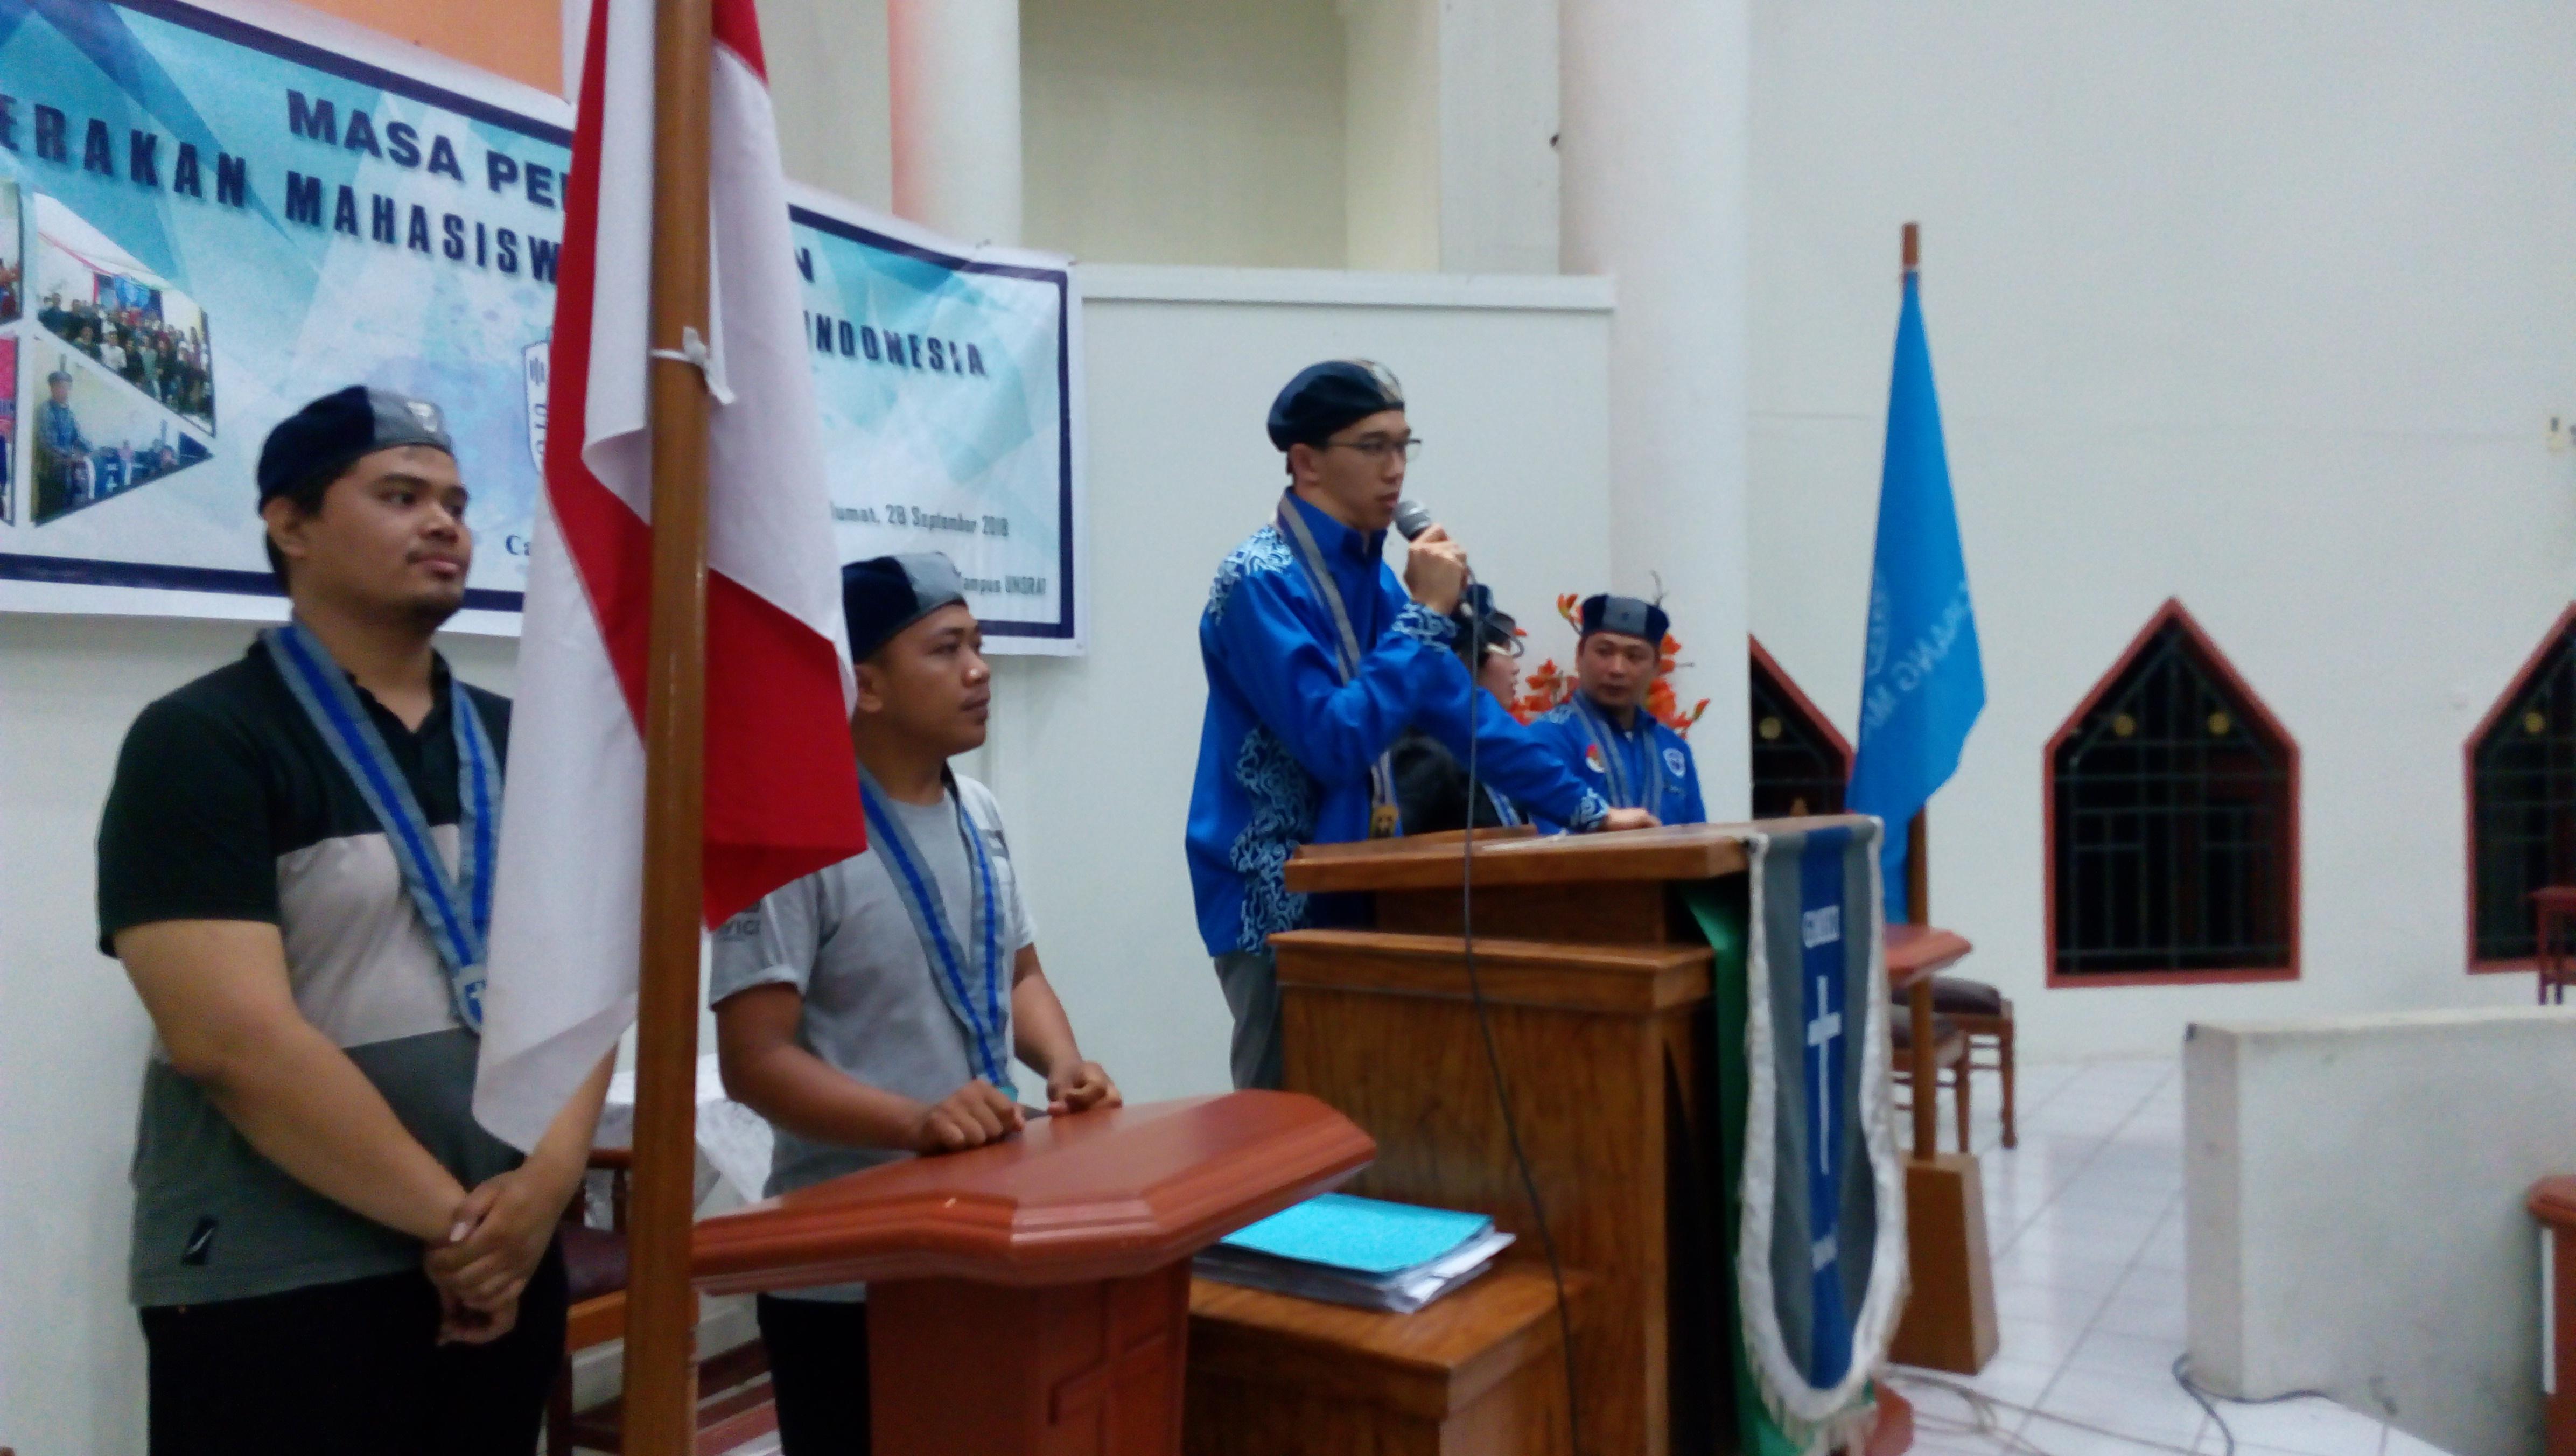 Alter Wowor M.Th saat memberikan sambutan kepada anggota baru GMKI